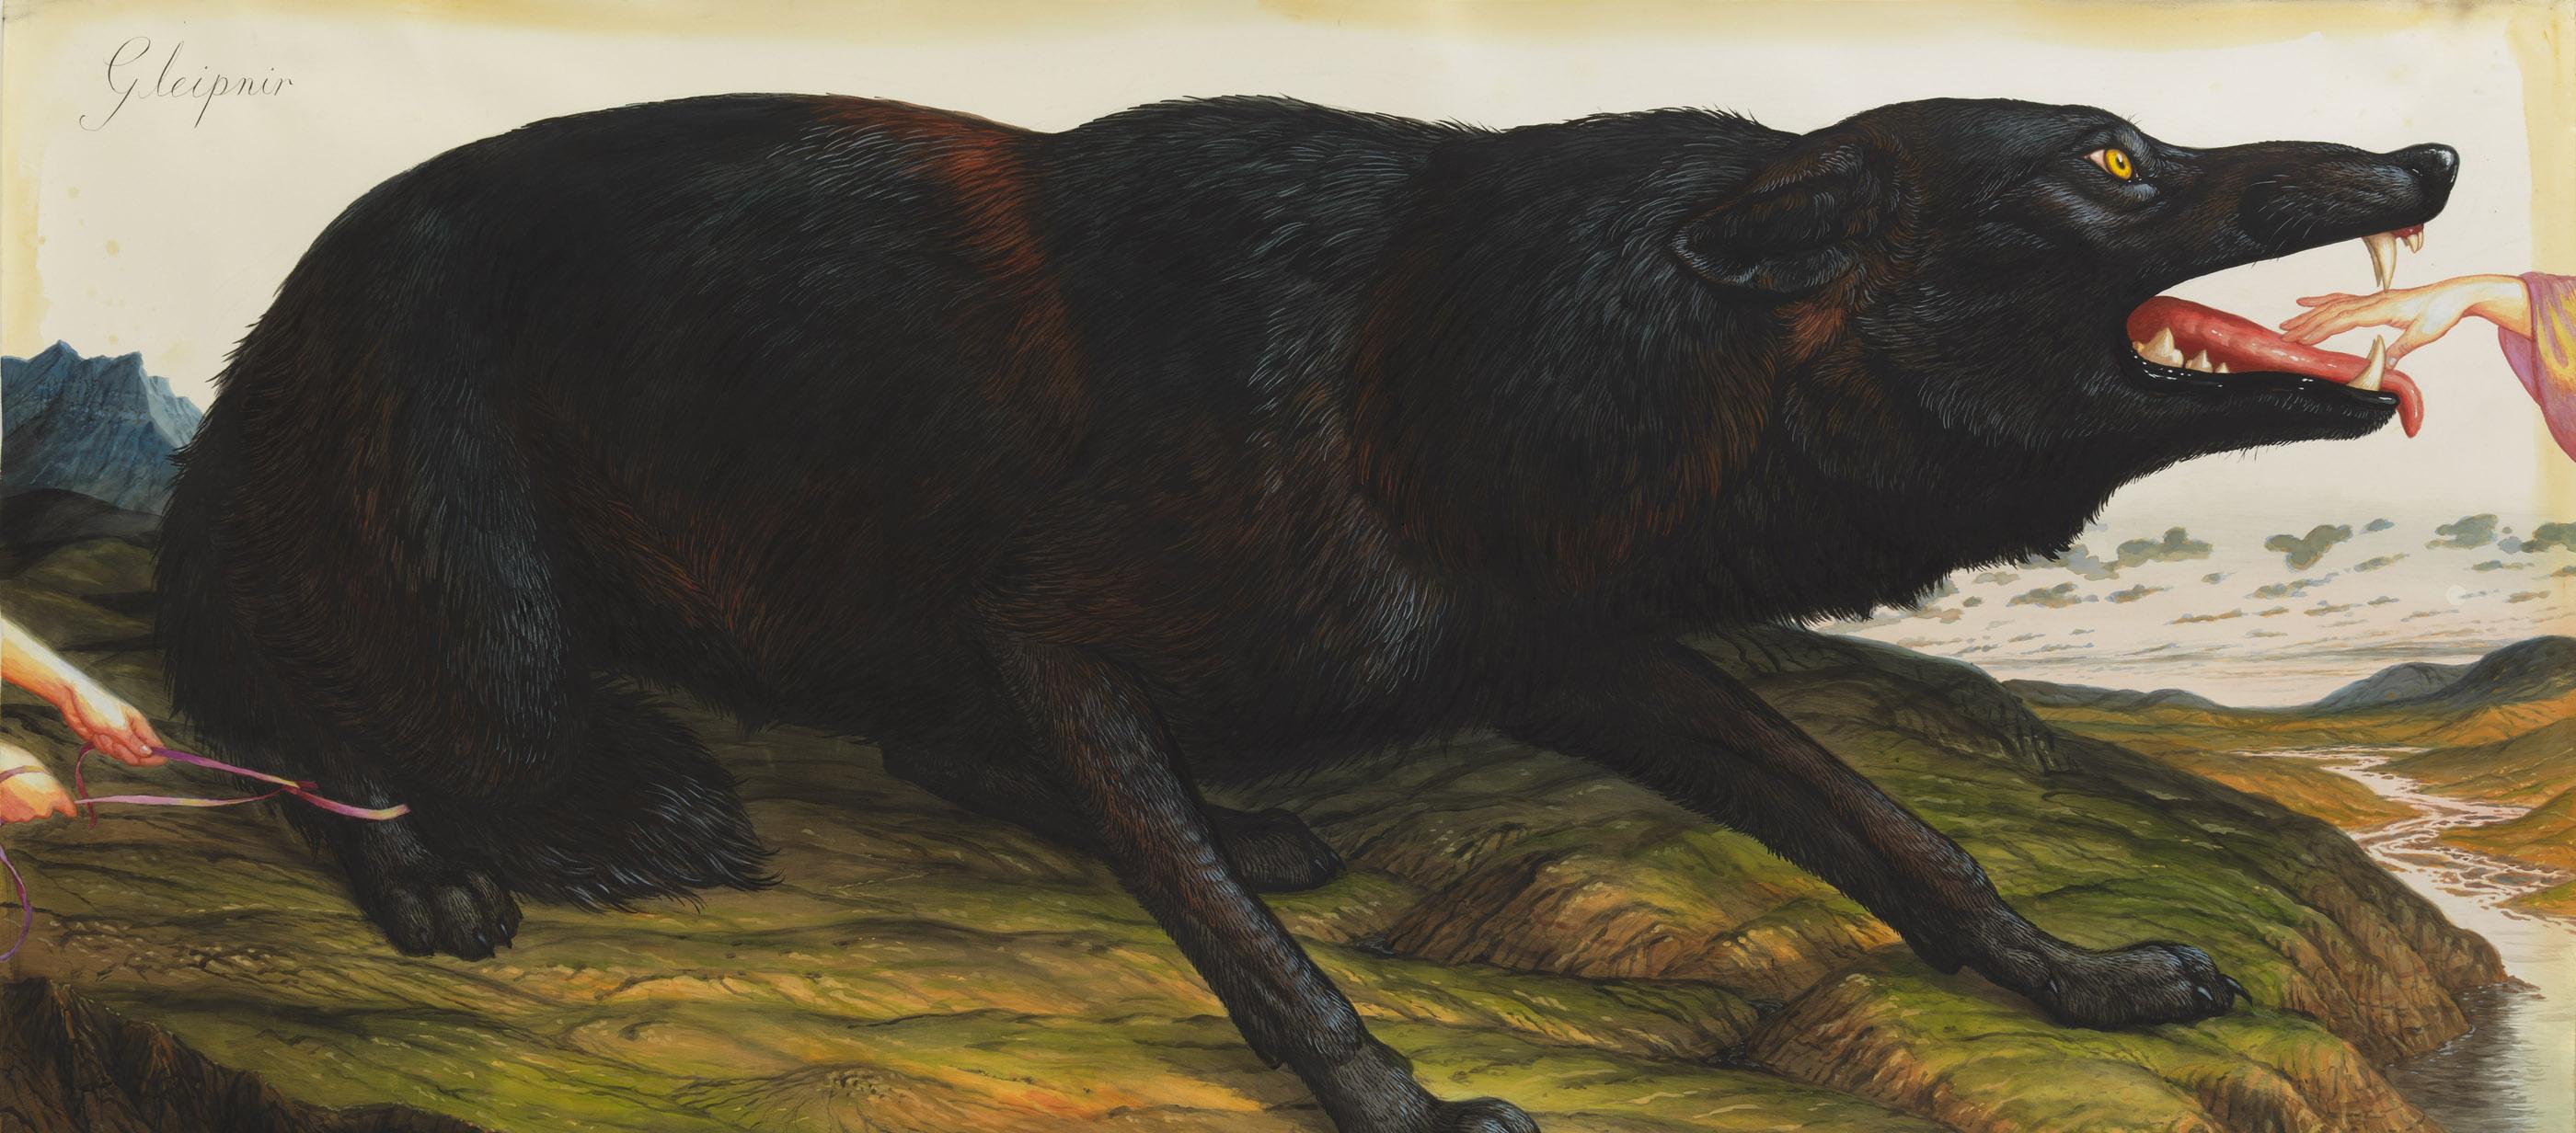 Gleipnir, by Walton Ford, 2012.